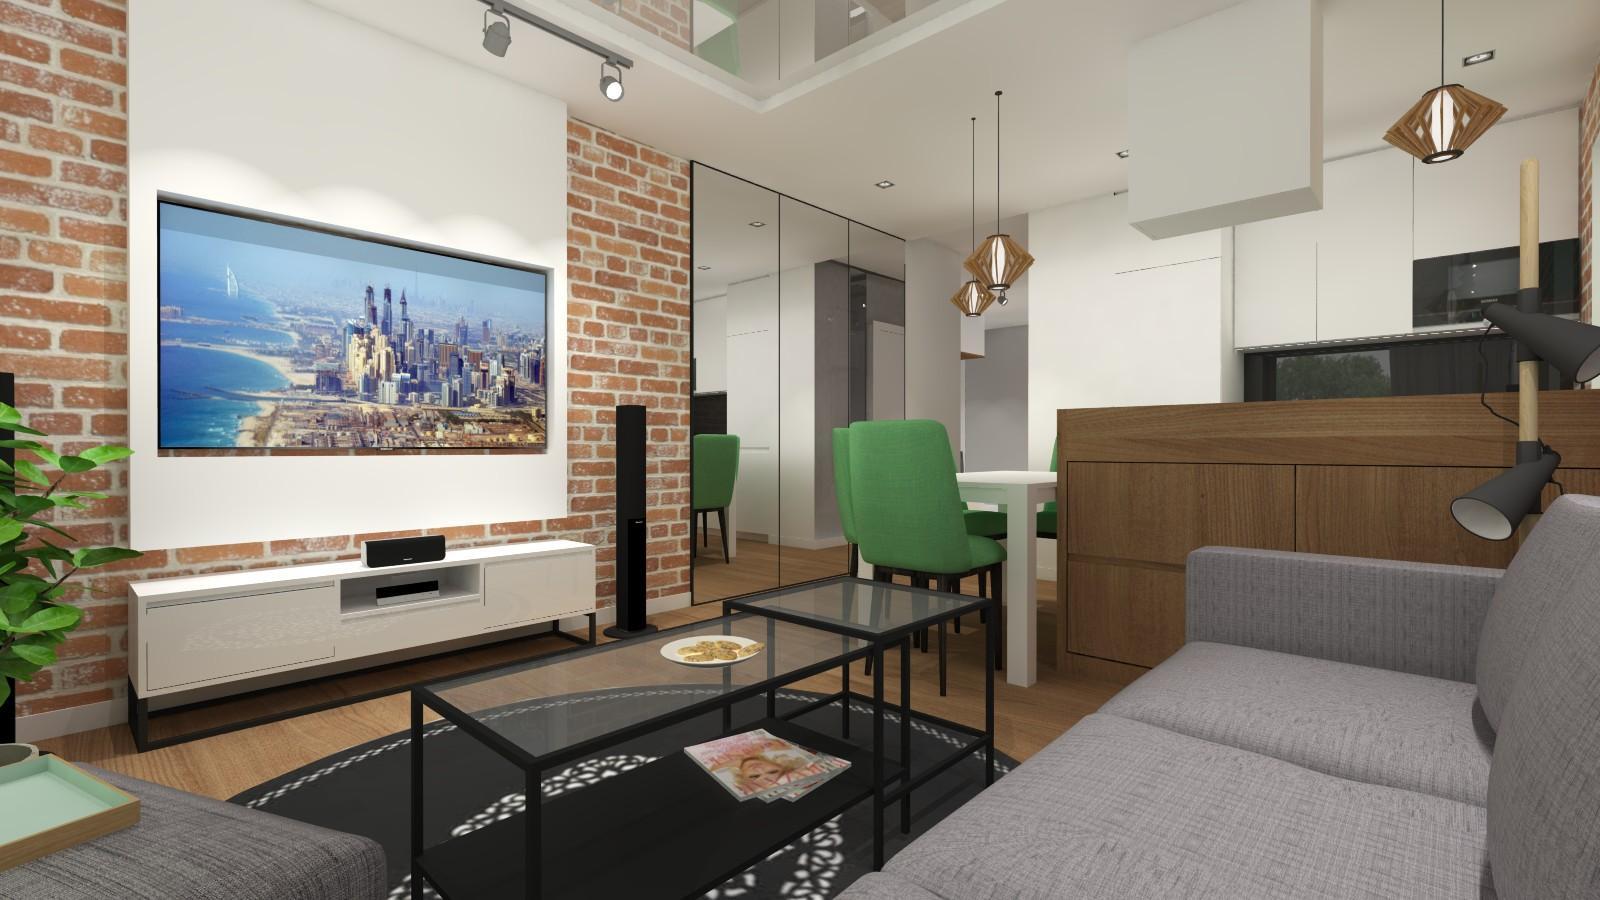 salon z aneksem, wysokie lustra na ścianie, szara kanapa, zielone dodatki, biały sufit napinany